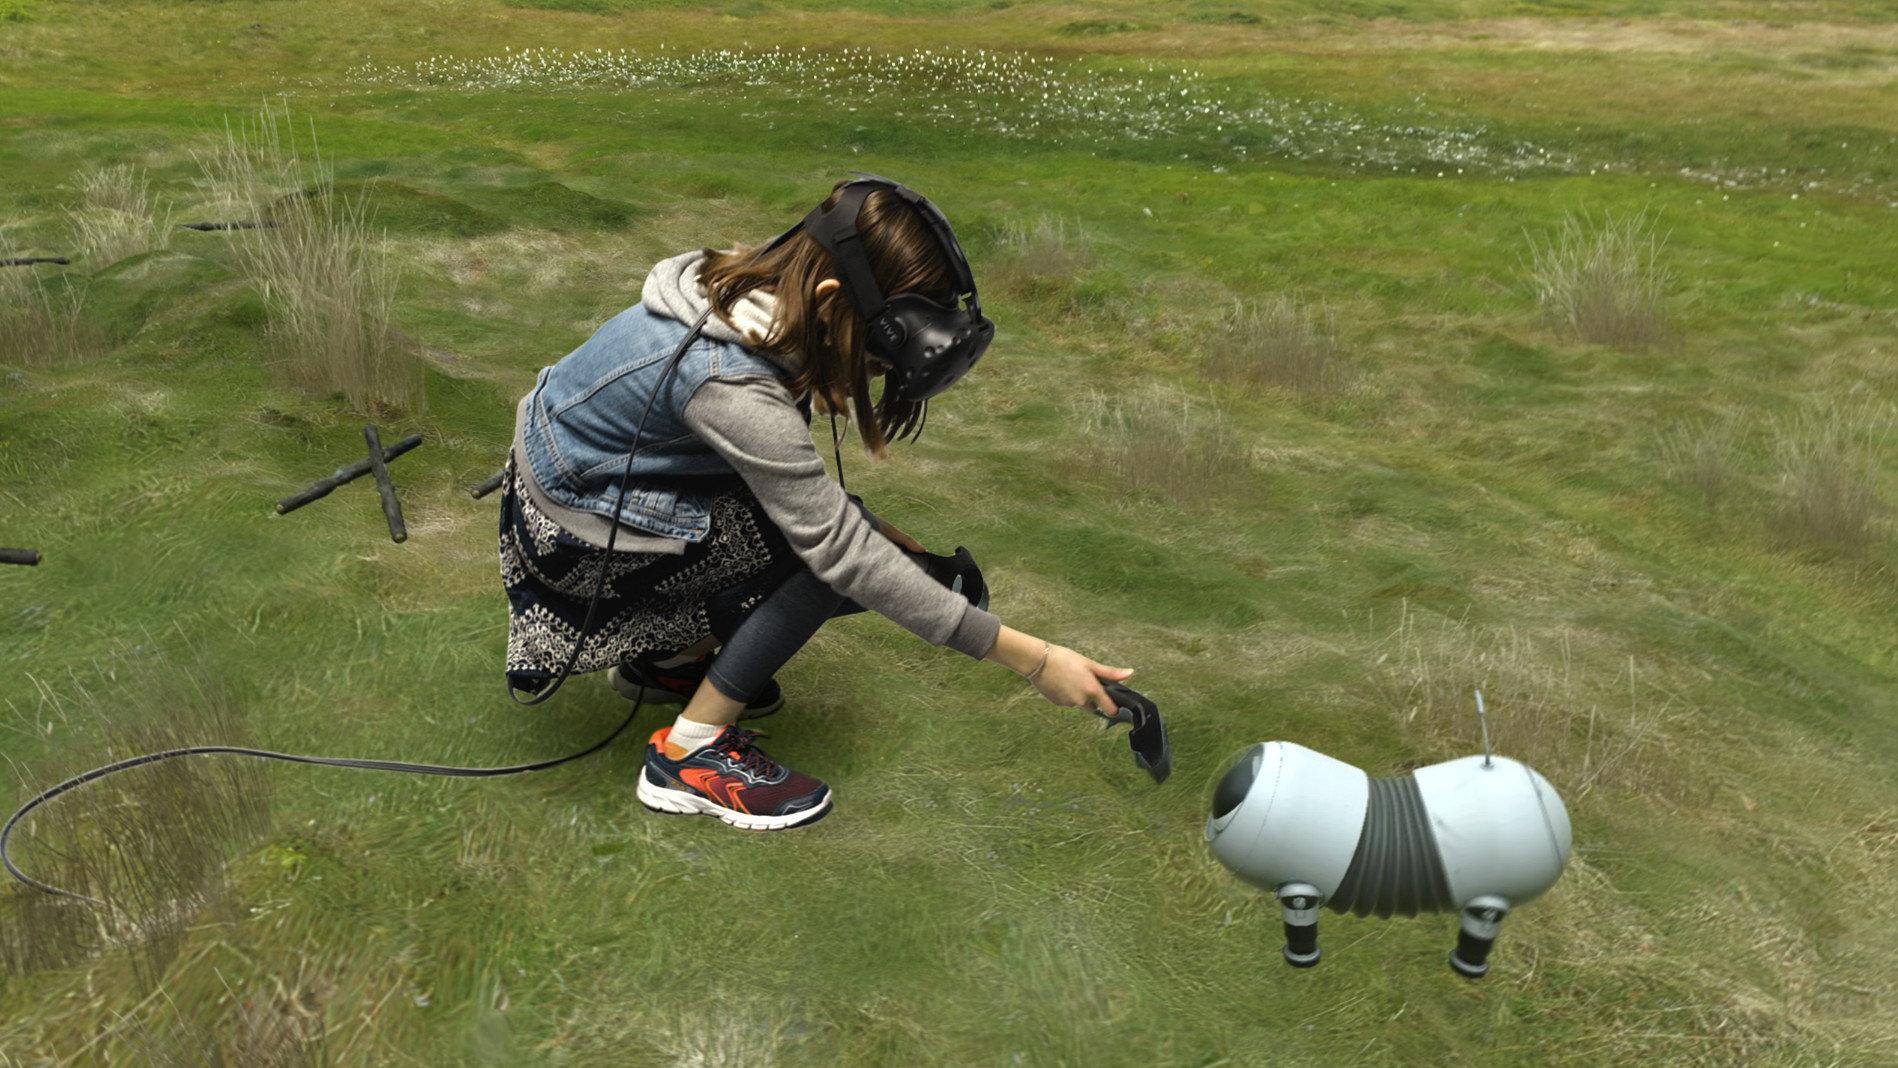 An der Seite des VR-Nutzers: Ein kleiner Roboterhund im Portal-Stil